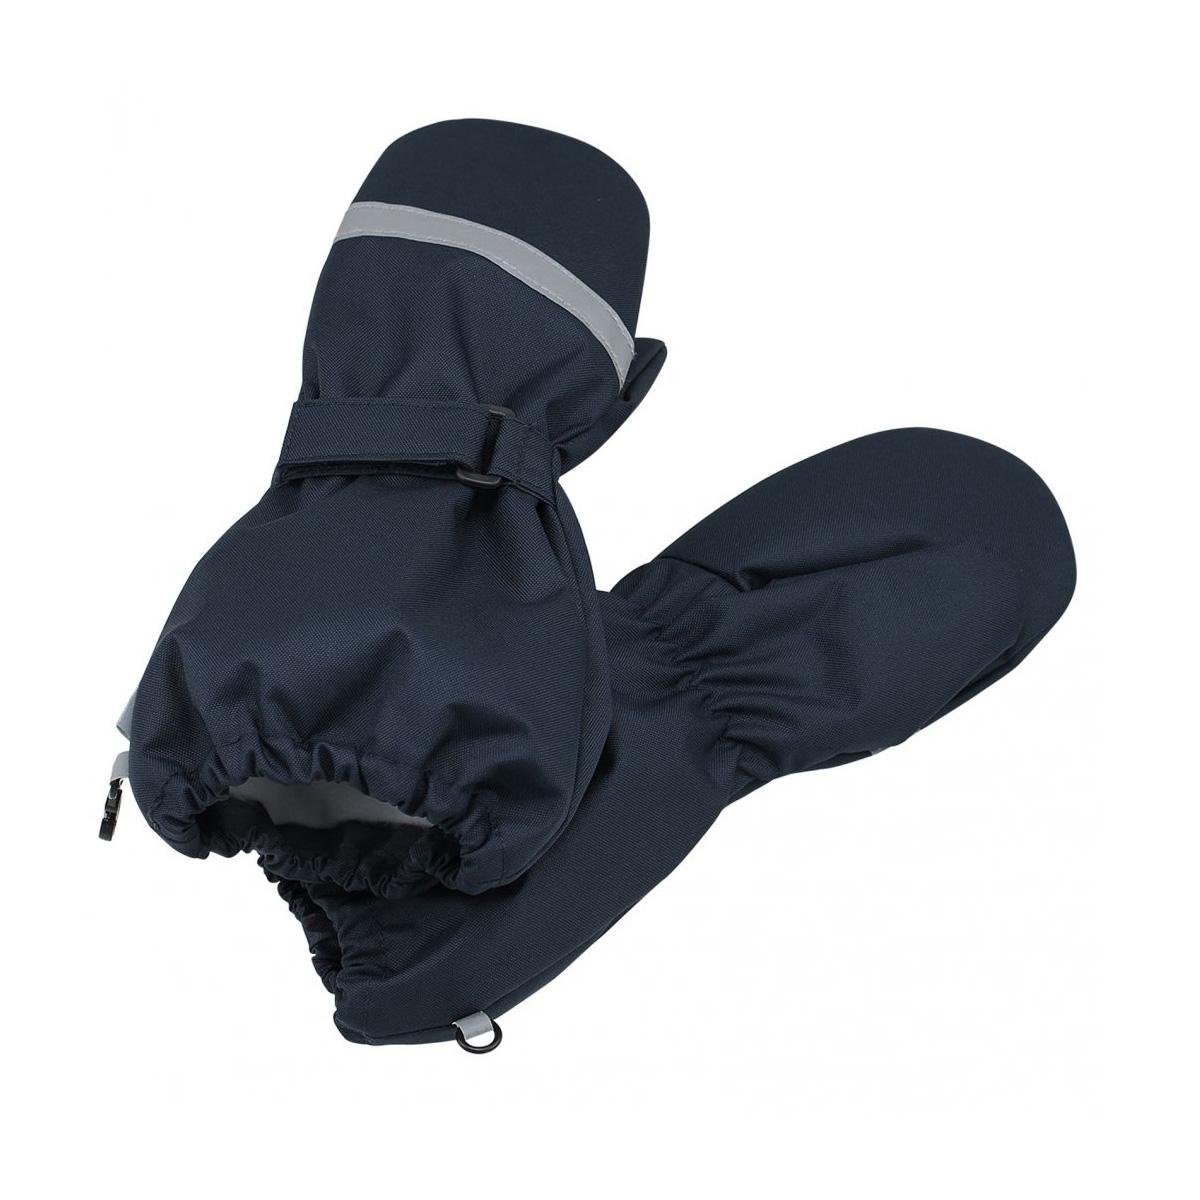 Варежки Rino Lassie, Размер 3, Цвет 6960-темно-синий 727717-6960_3